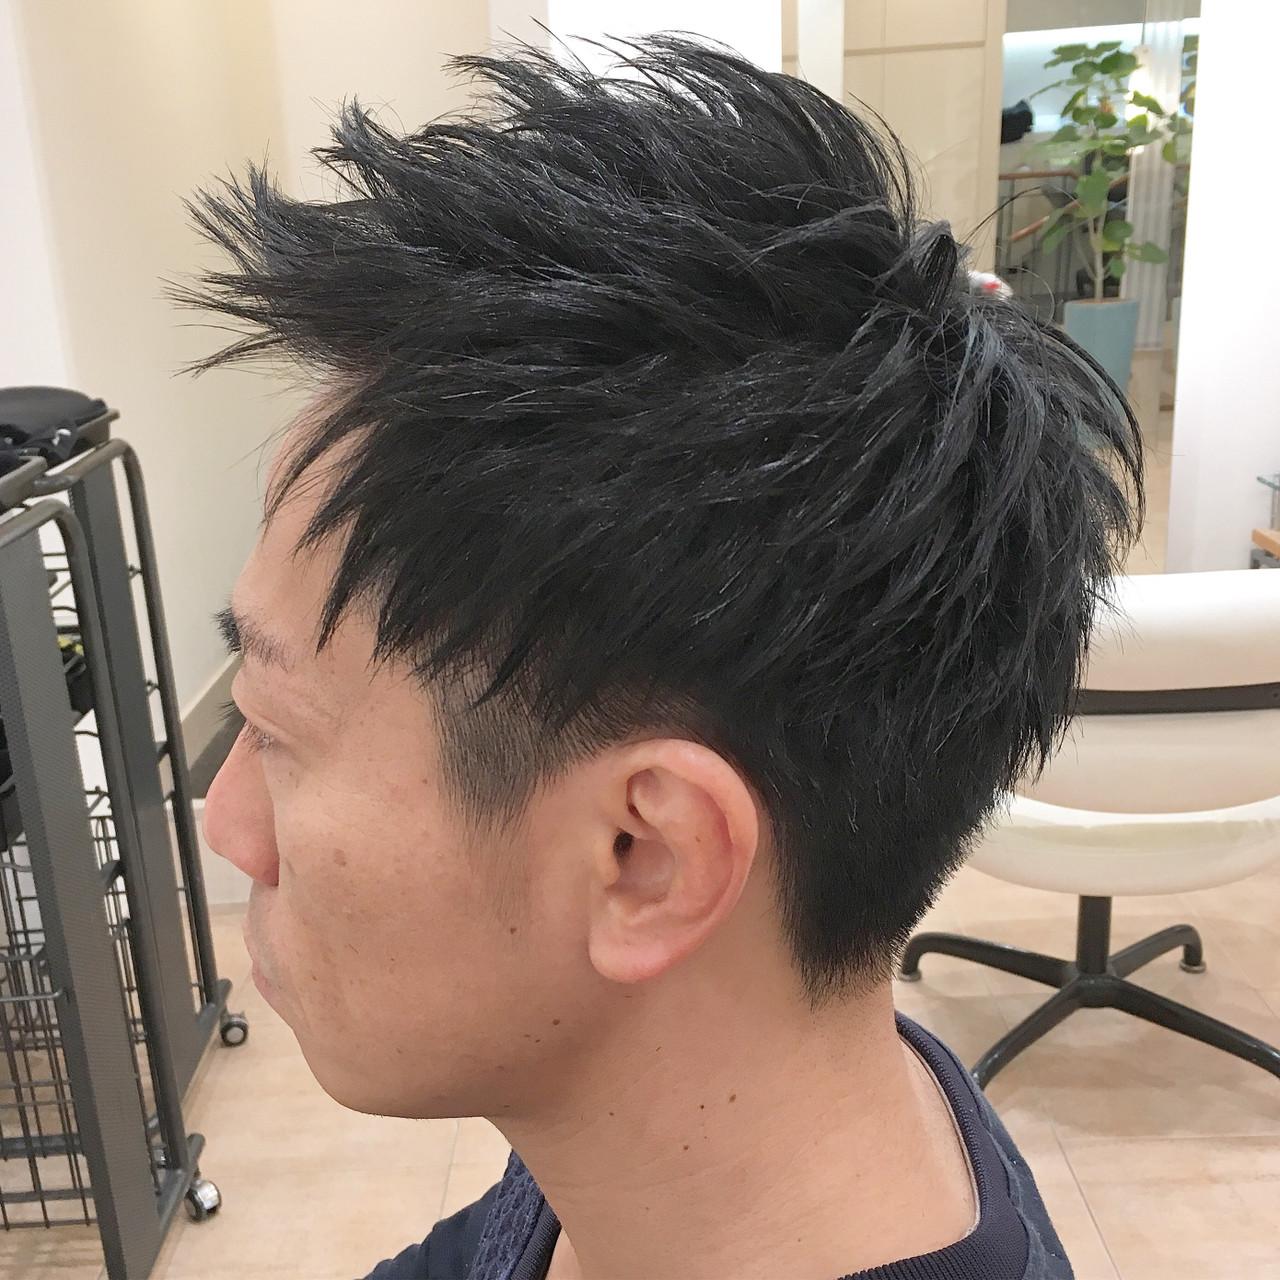 メンズショート ナチュラル メンズ メンズヘア ヘアスタイルや髪型の写真・画像 | 平本 詠一 / fabris